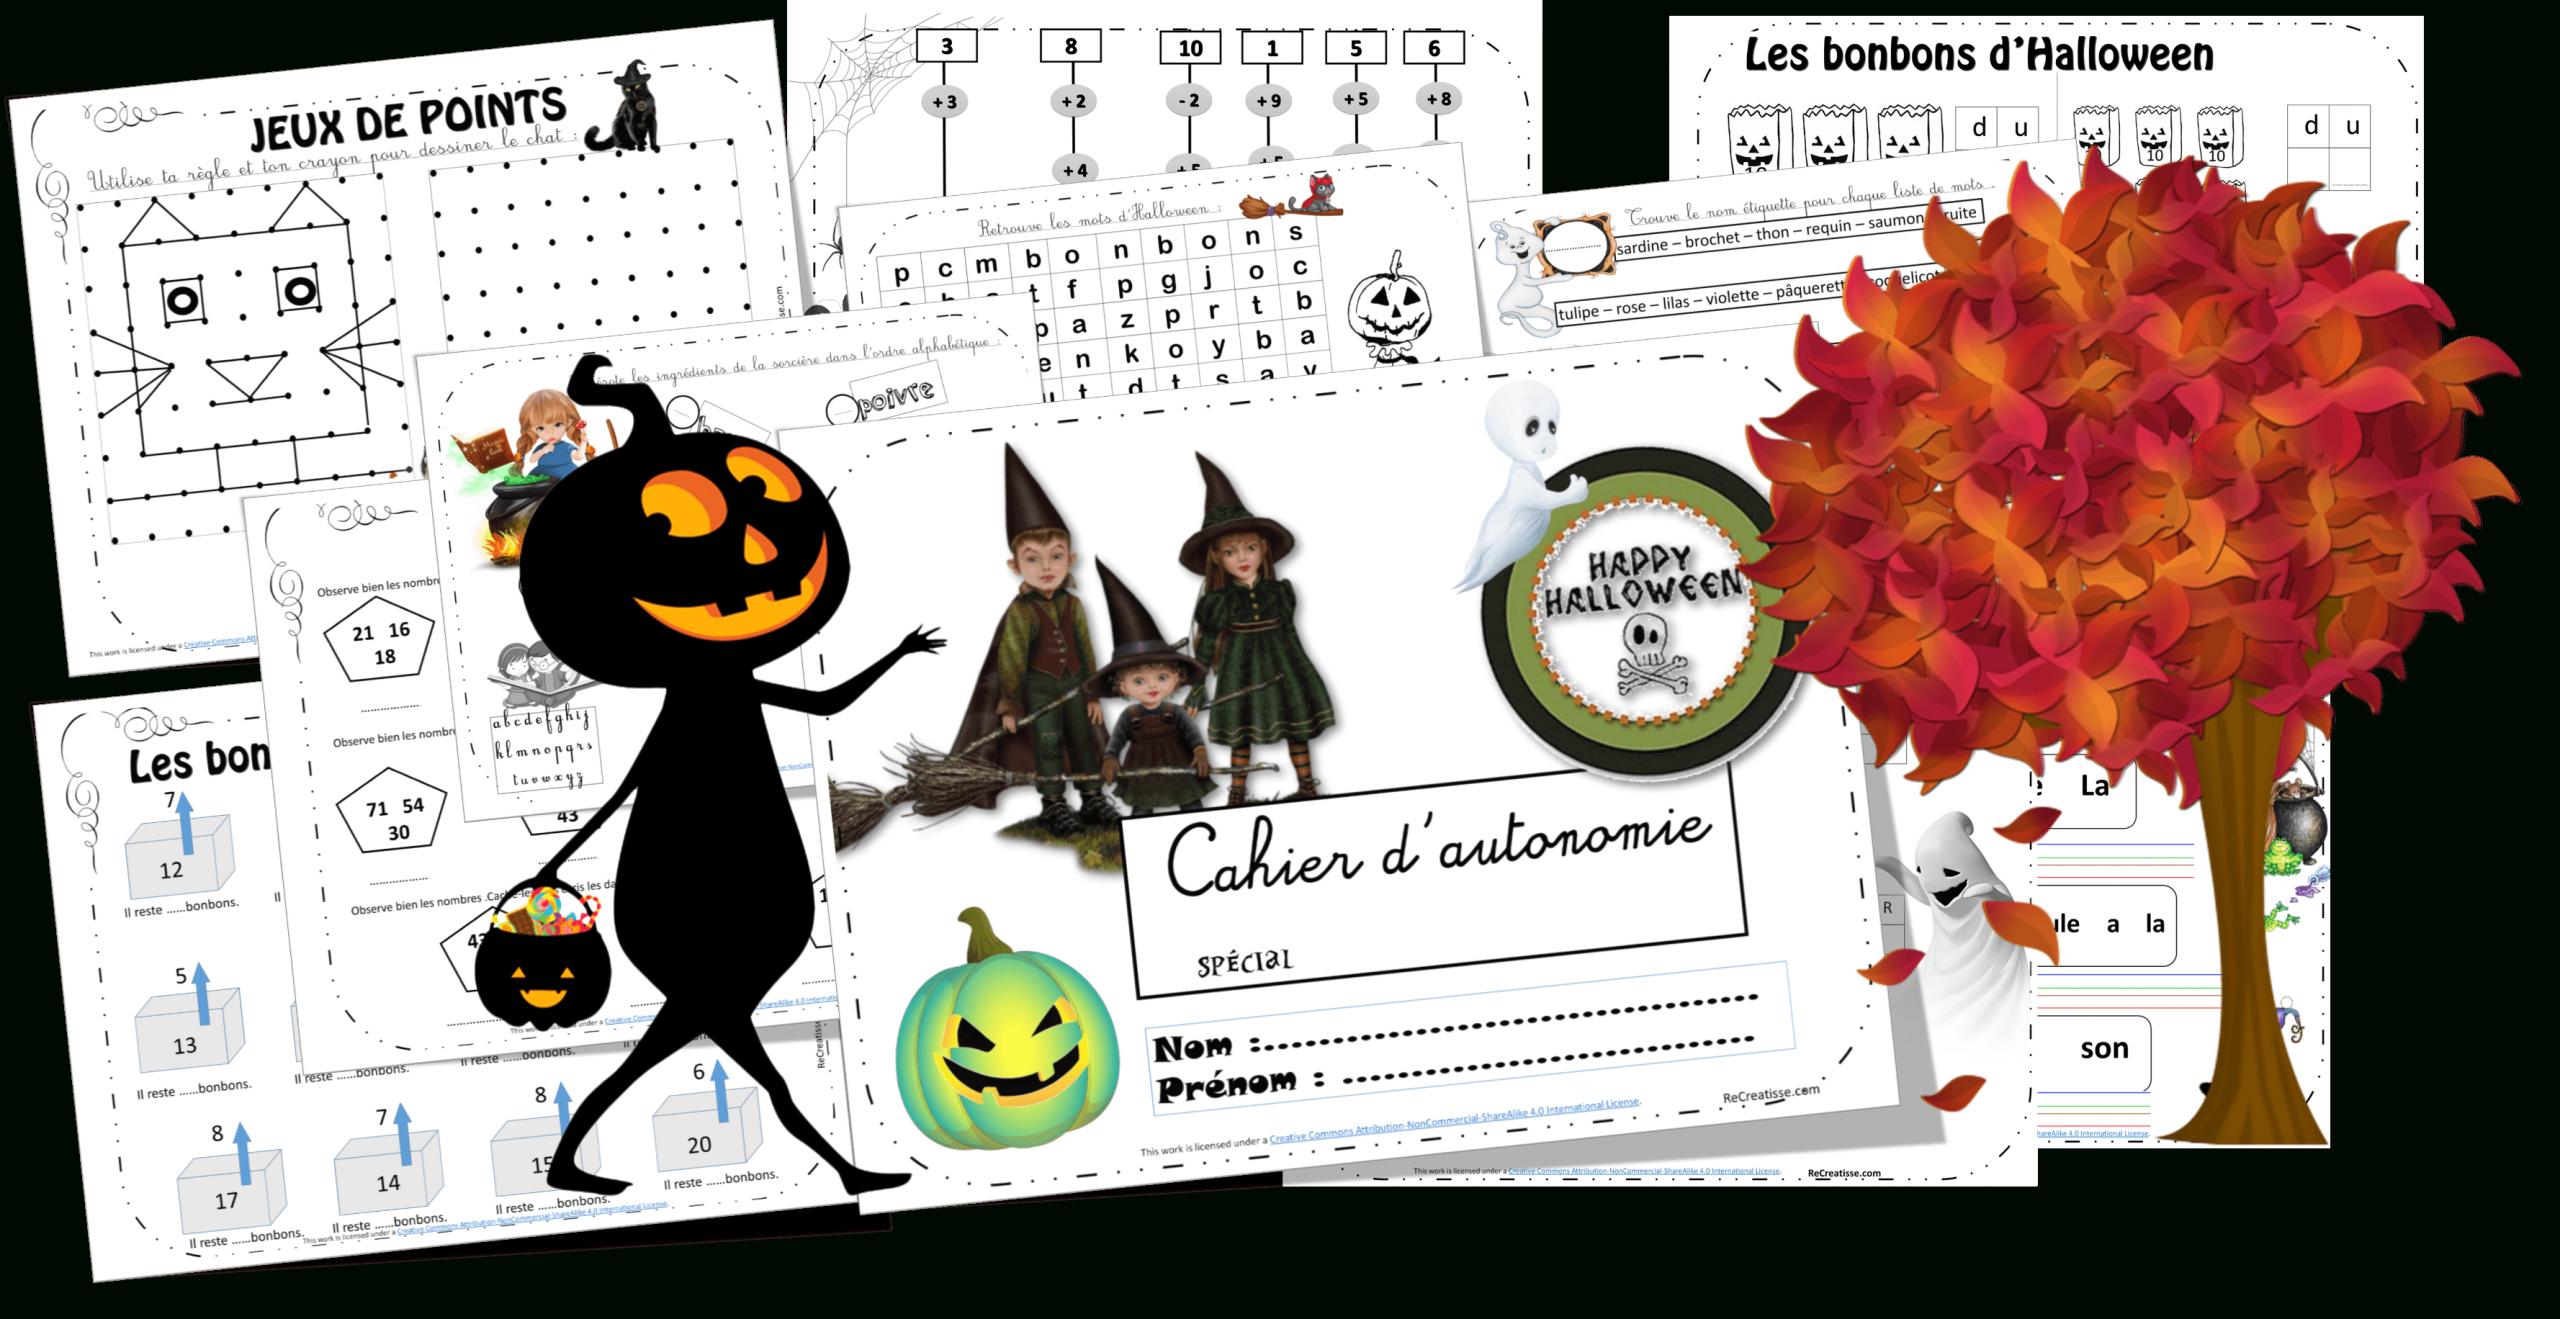 Cahier D'autonomie Halloween • Recreatisse avec Jeux D Halloween Gratuit